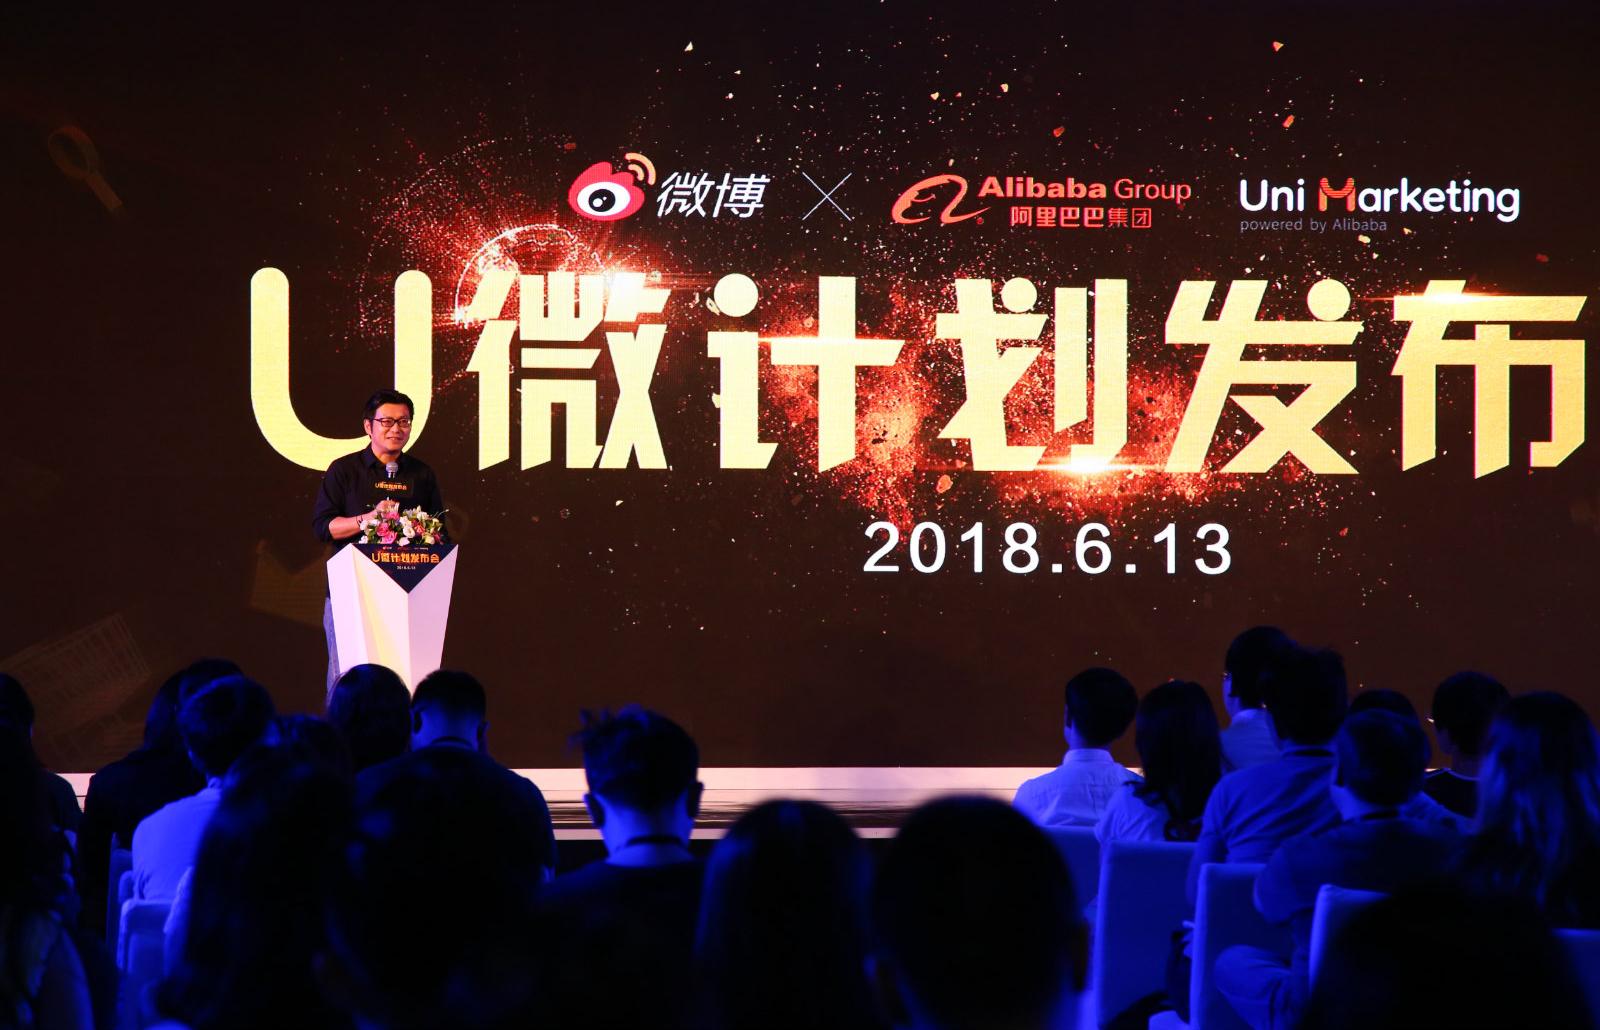 2018年6月13日,U微计划发布